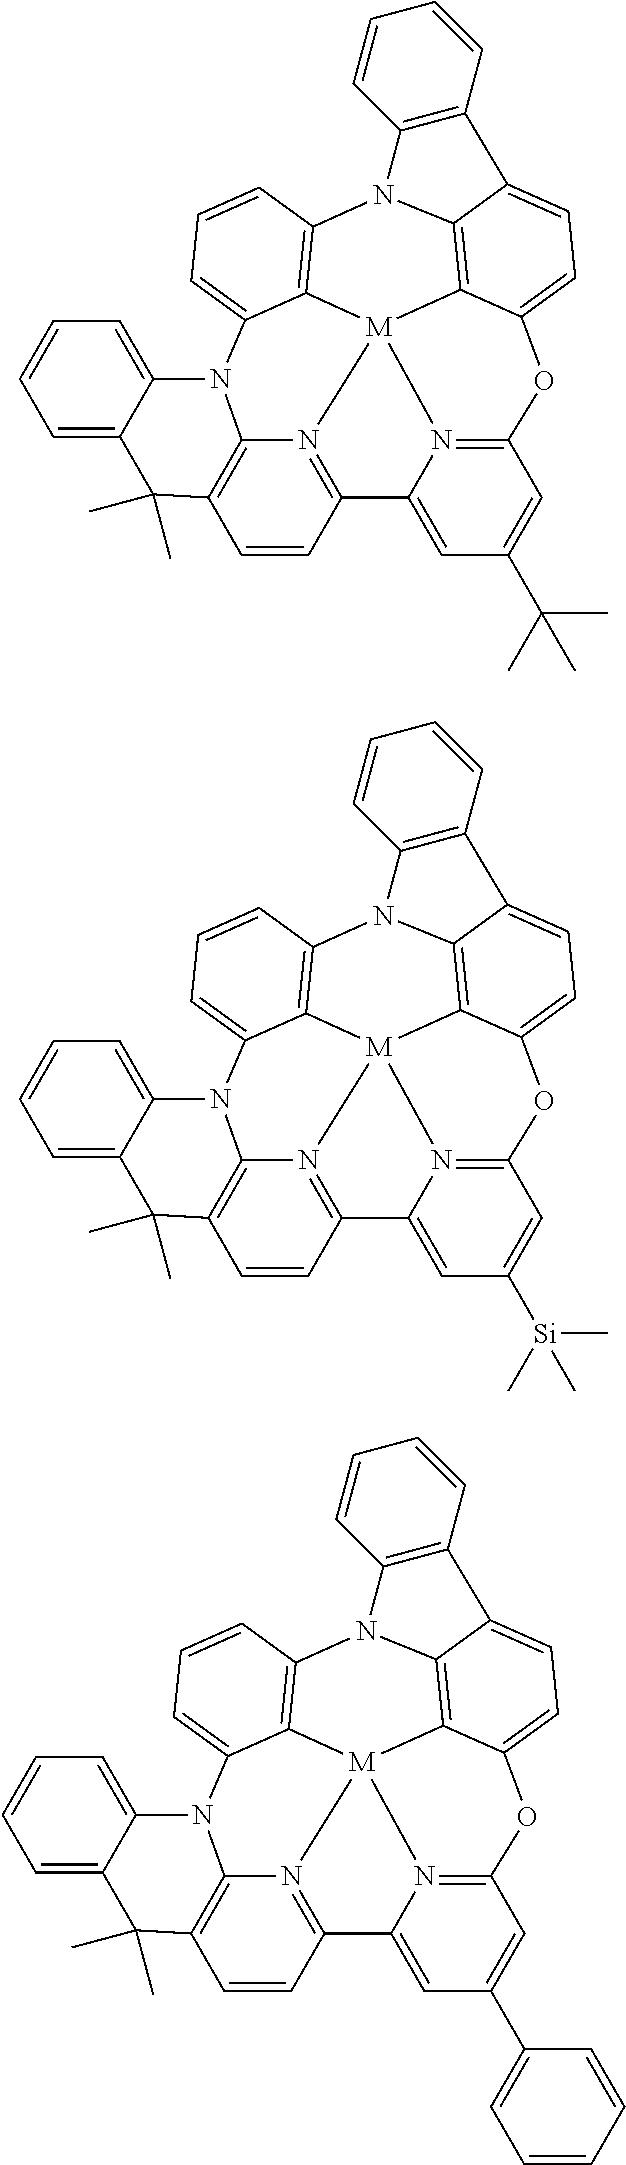 Figure US10158091-20181218-C00177